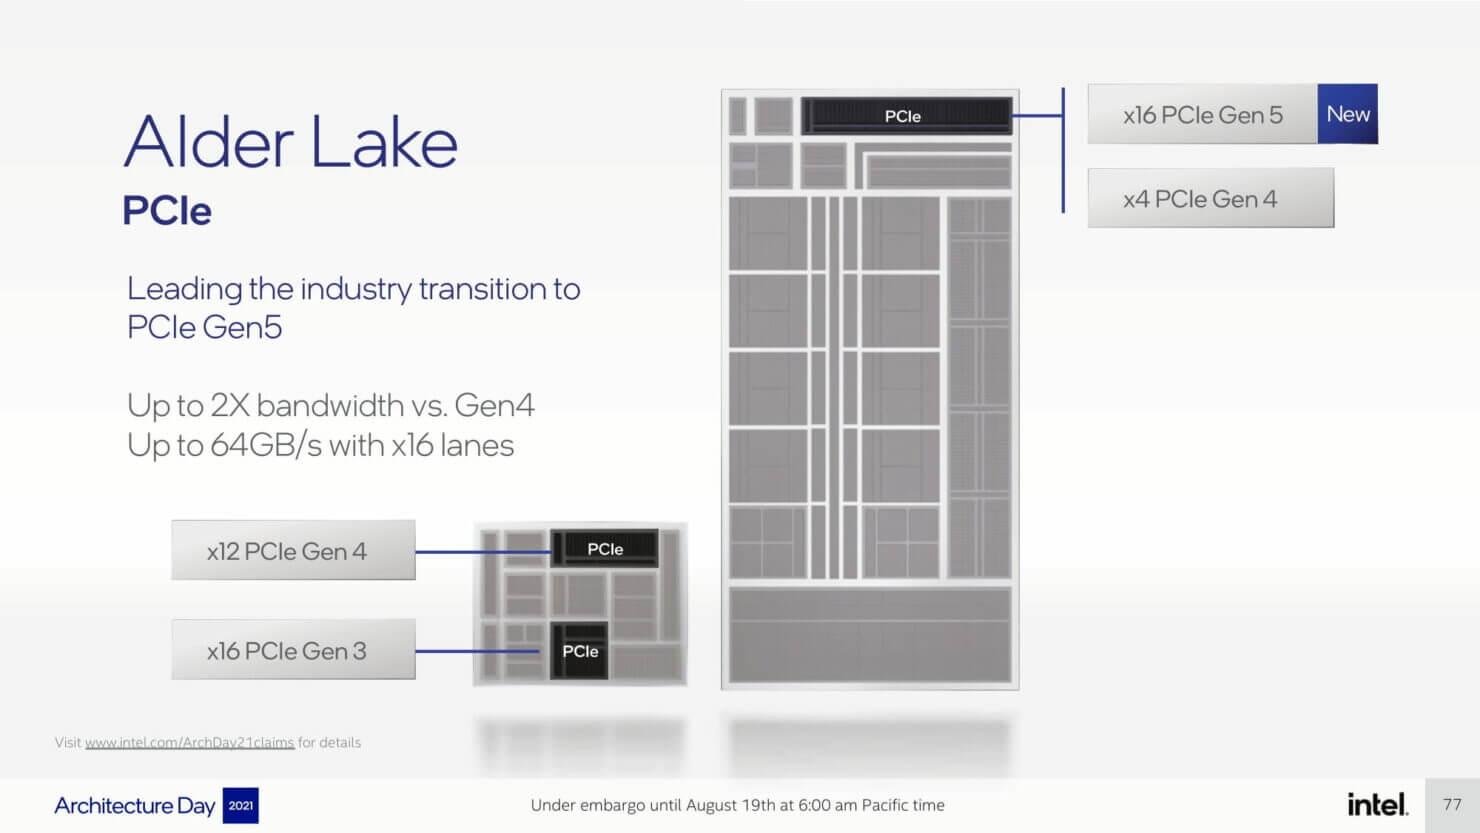 Intel Alder Lake slides-1